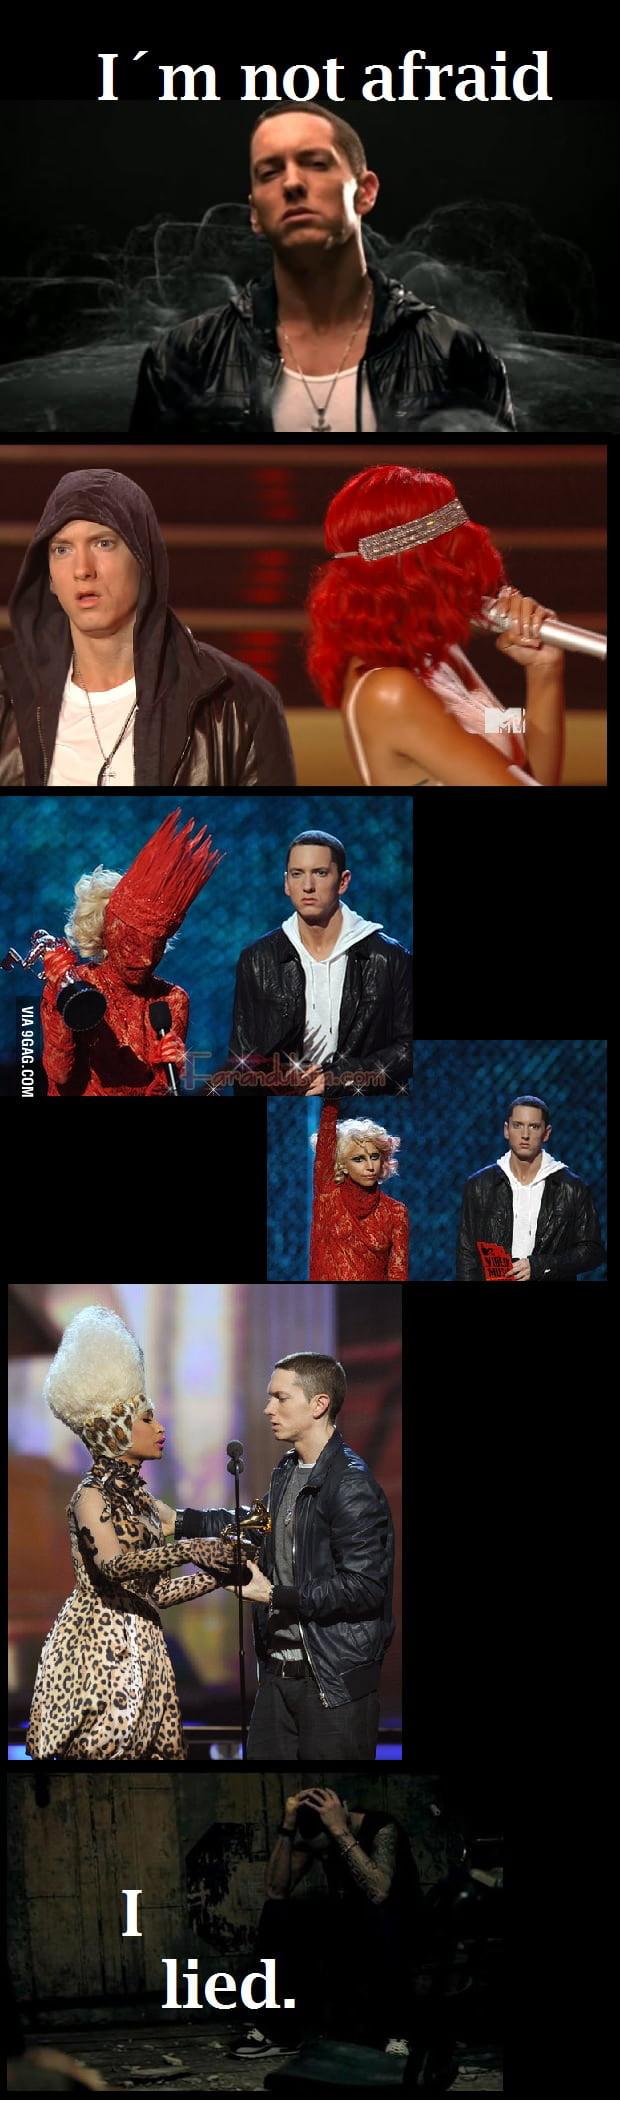 Poor Eminem